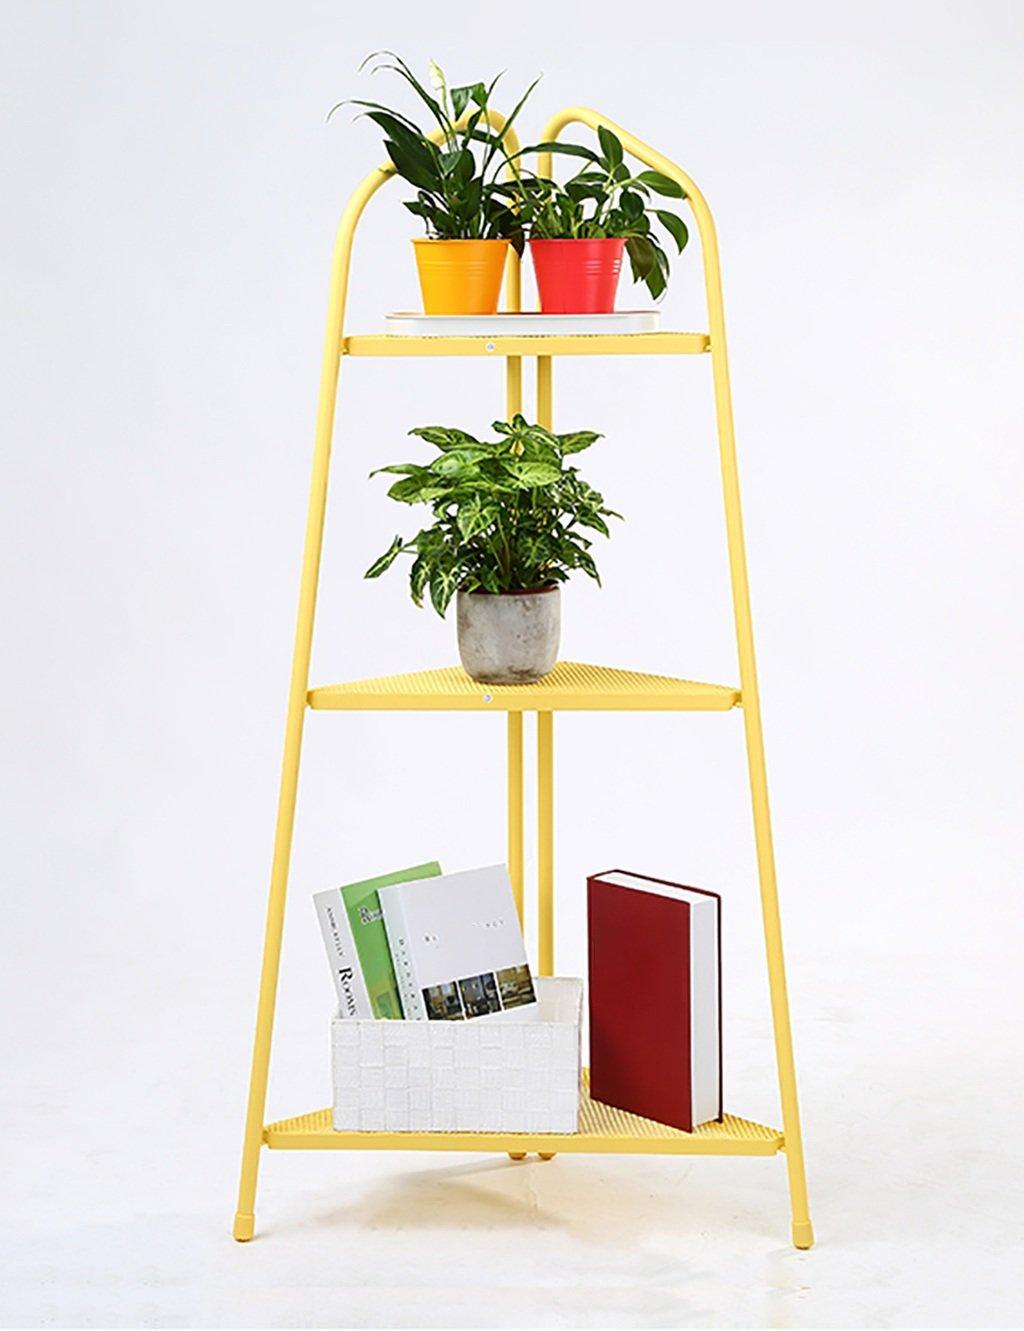 LB huajia ZHANWEI Blumentopf Regal Eisen Bodenart 3 Schichten Blumenregal europäischer Stil Einfach Innen- draussen Regale (Farbe : Gelb, größe : 46.5cm*104cm)